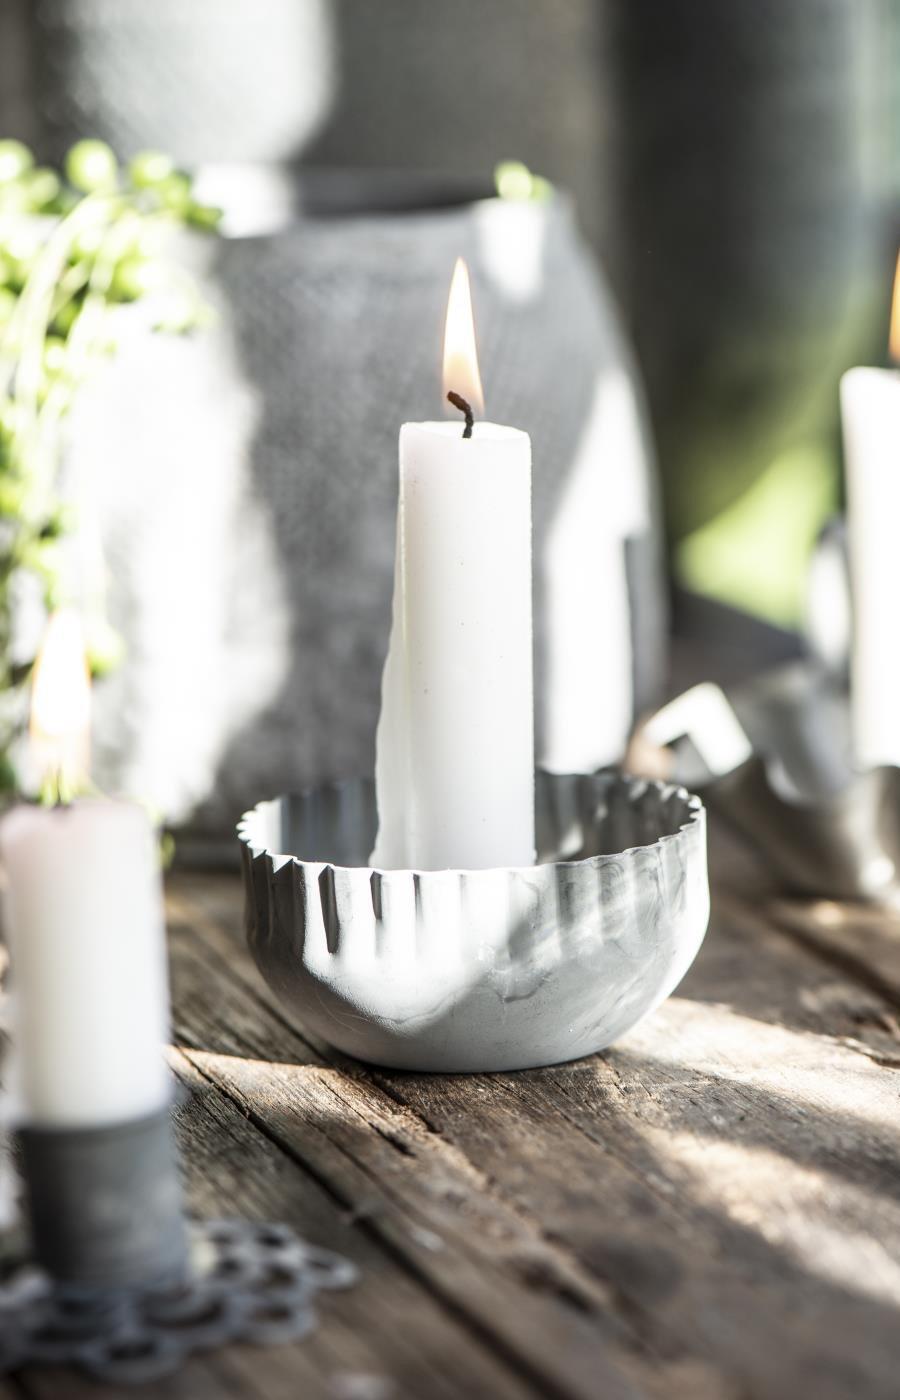 Kerzenständer & Kerzenhalter, Bild 1